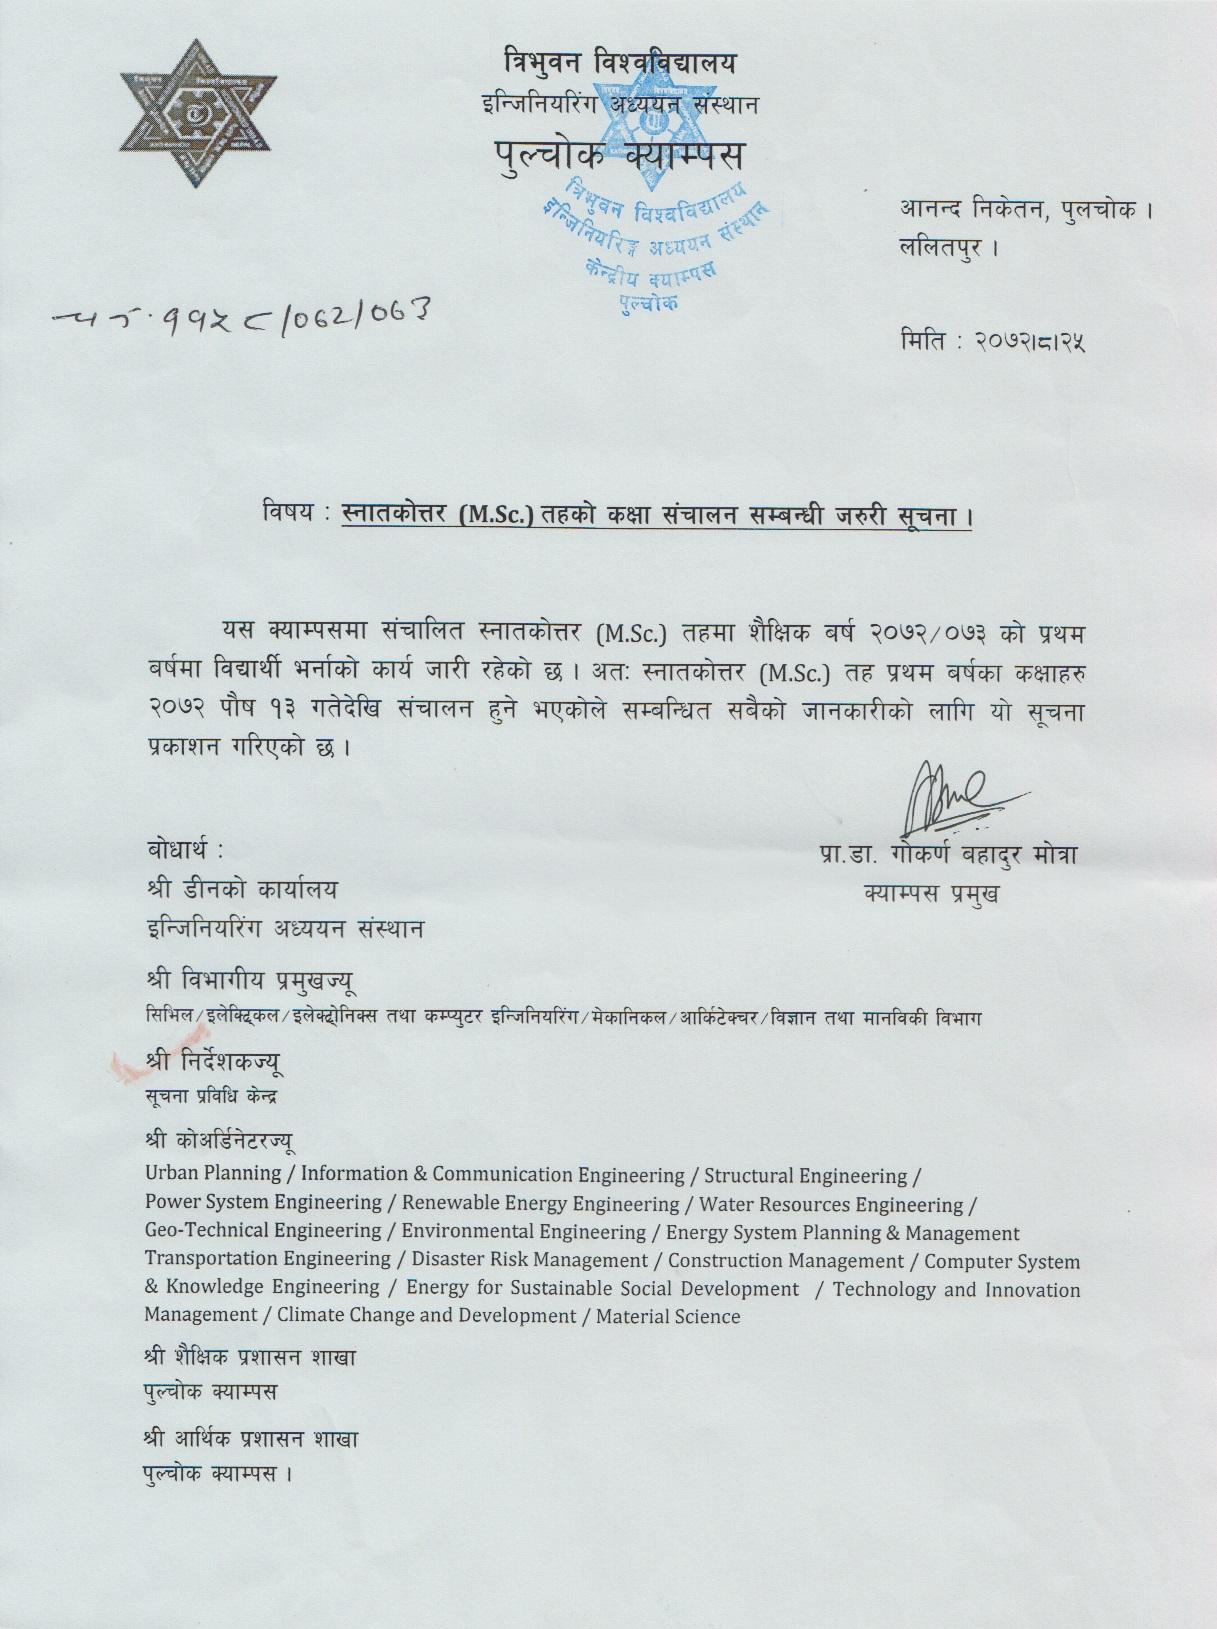 M Sc 2072 Class Start Notice